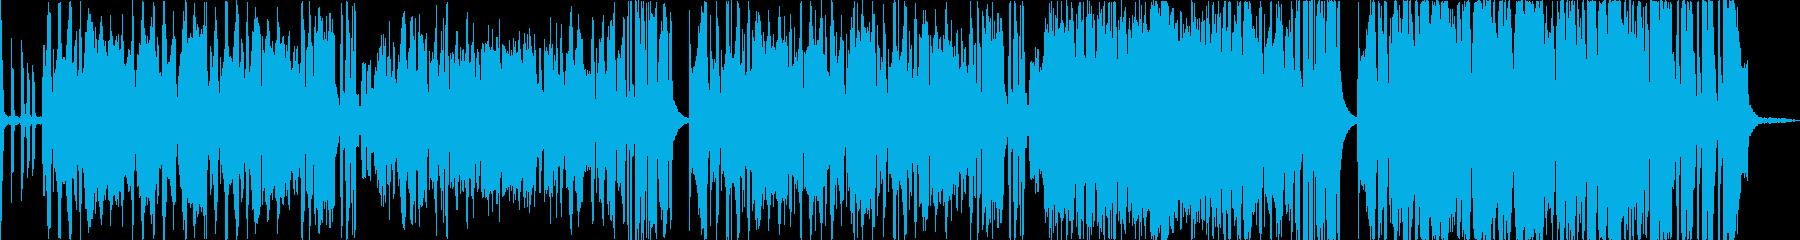 アコーディオン主体の旅っぽいかっこいい曲の再生済みの波形